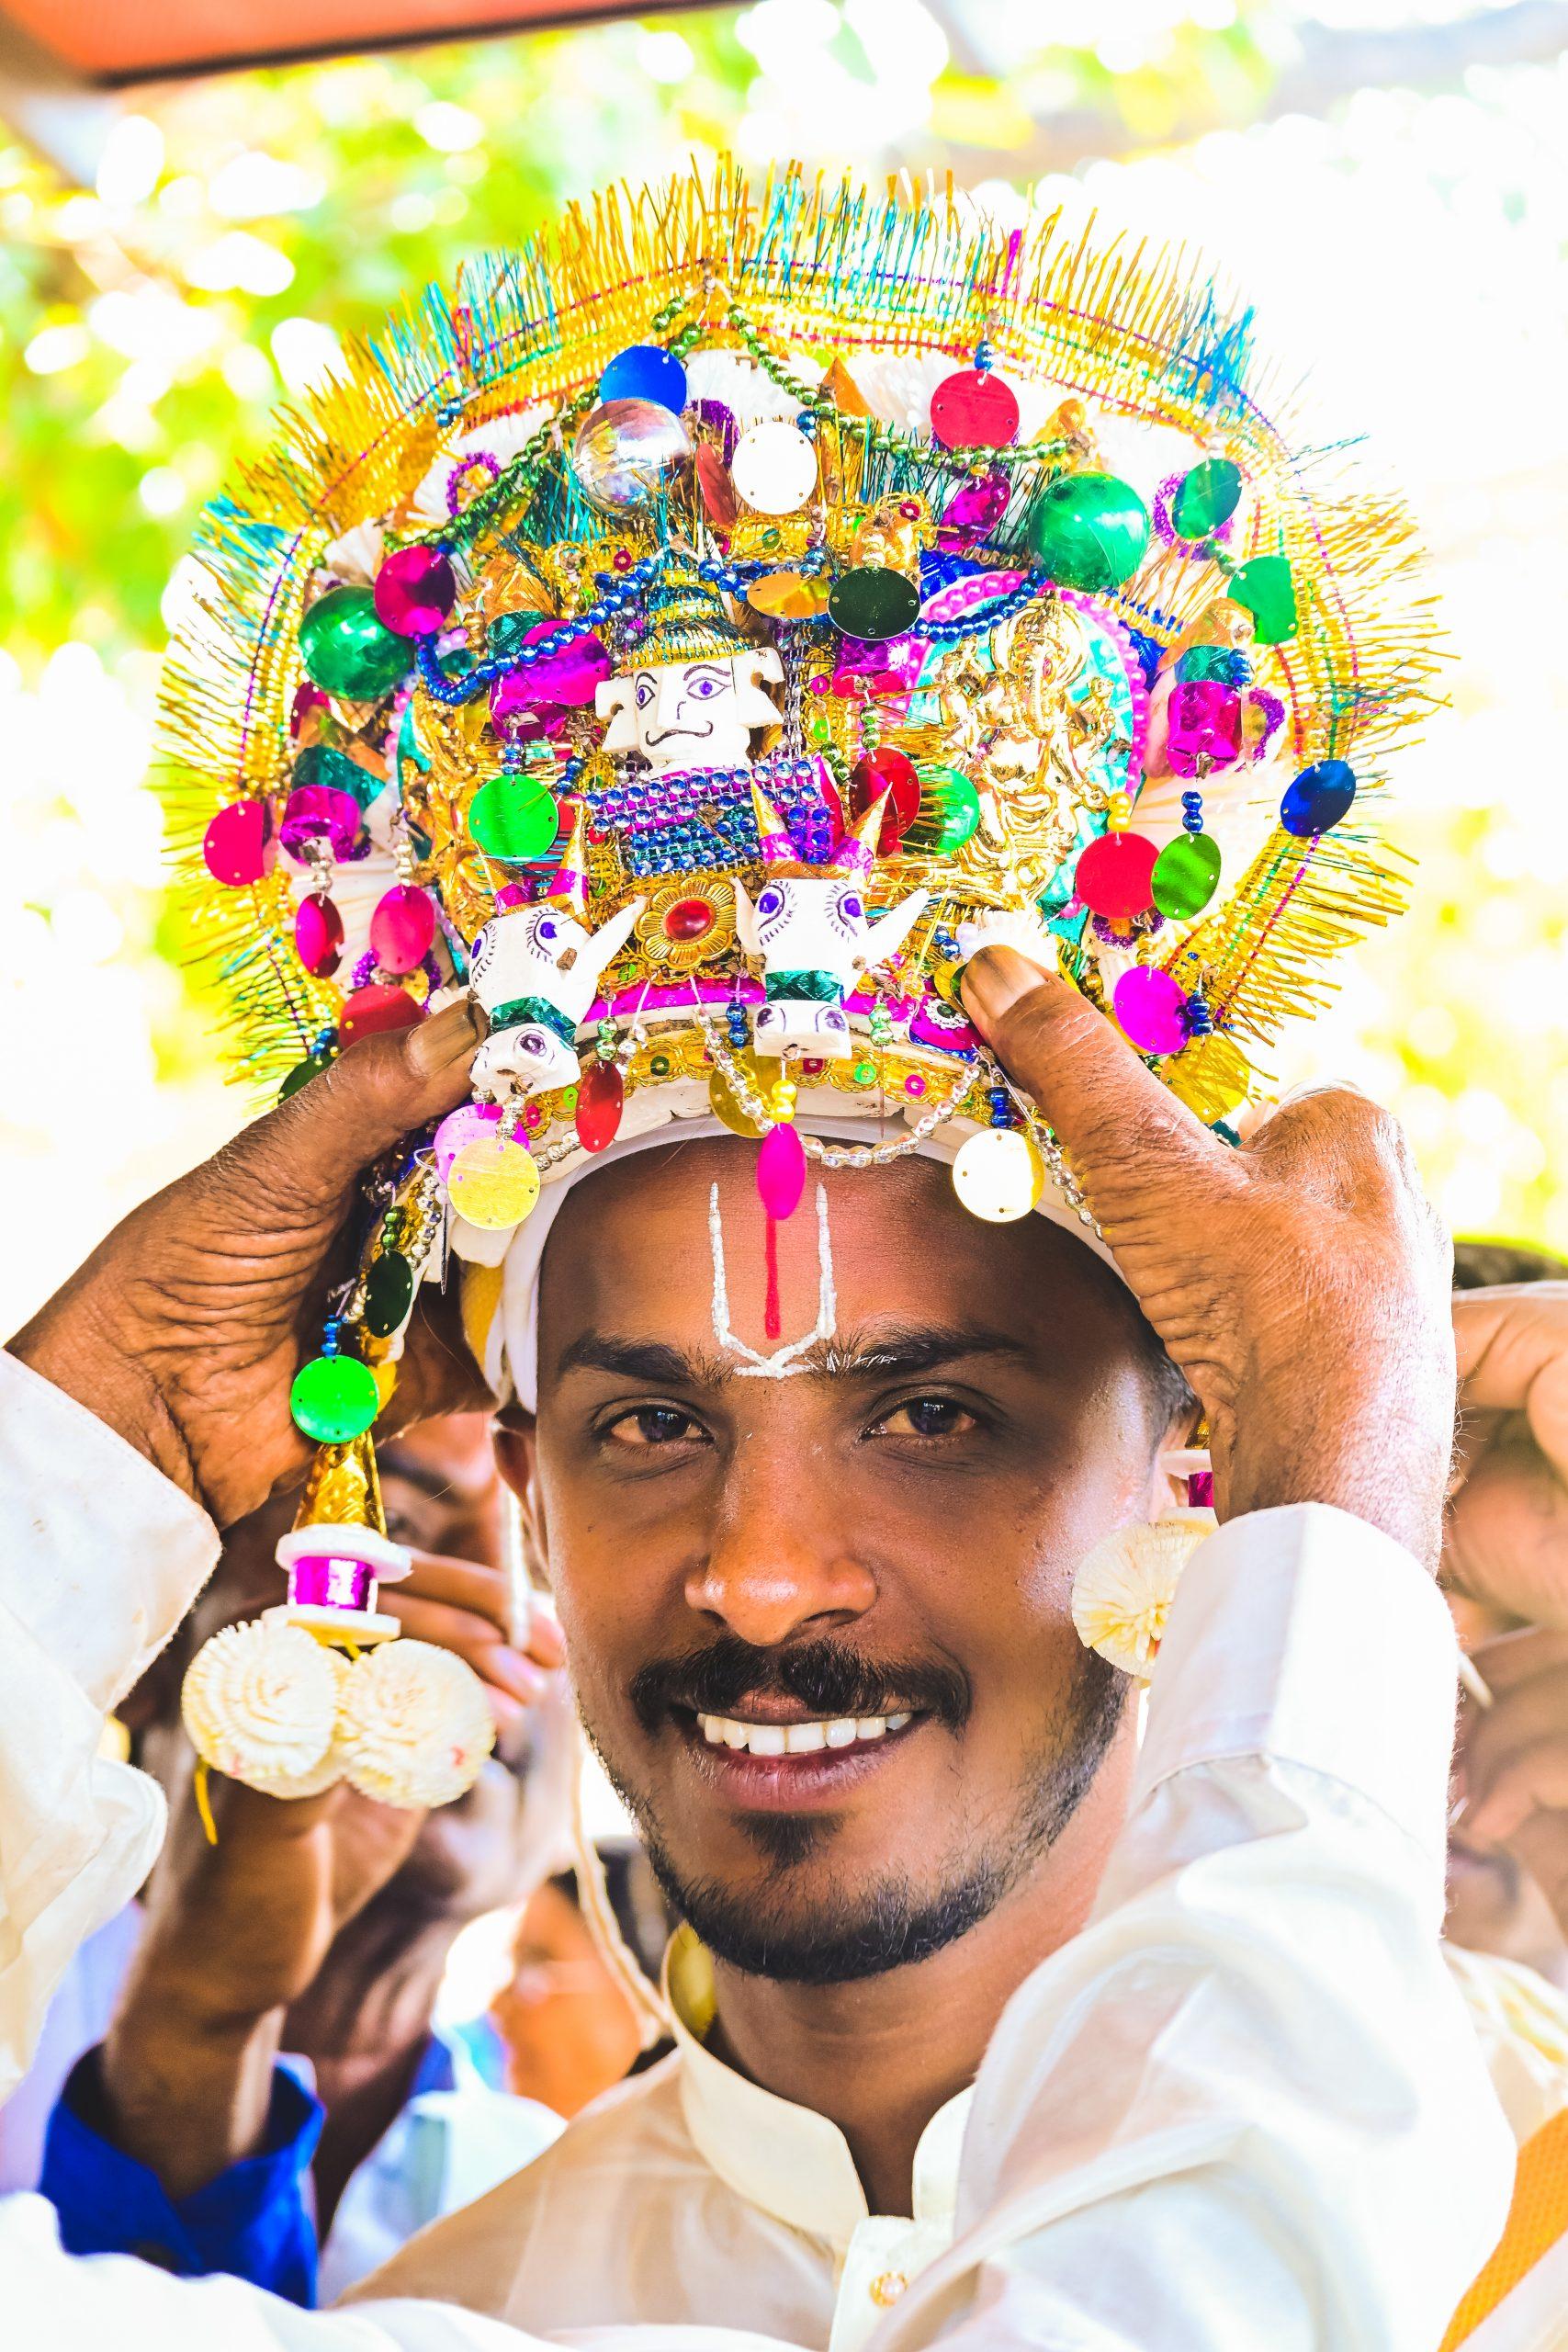 An Indian bridegroom